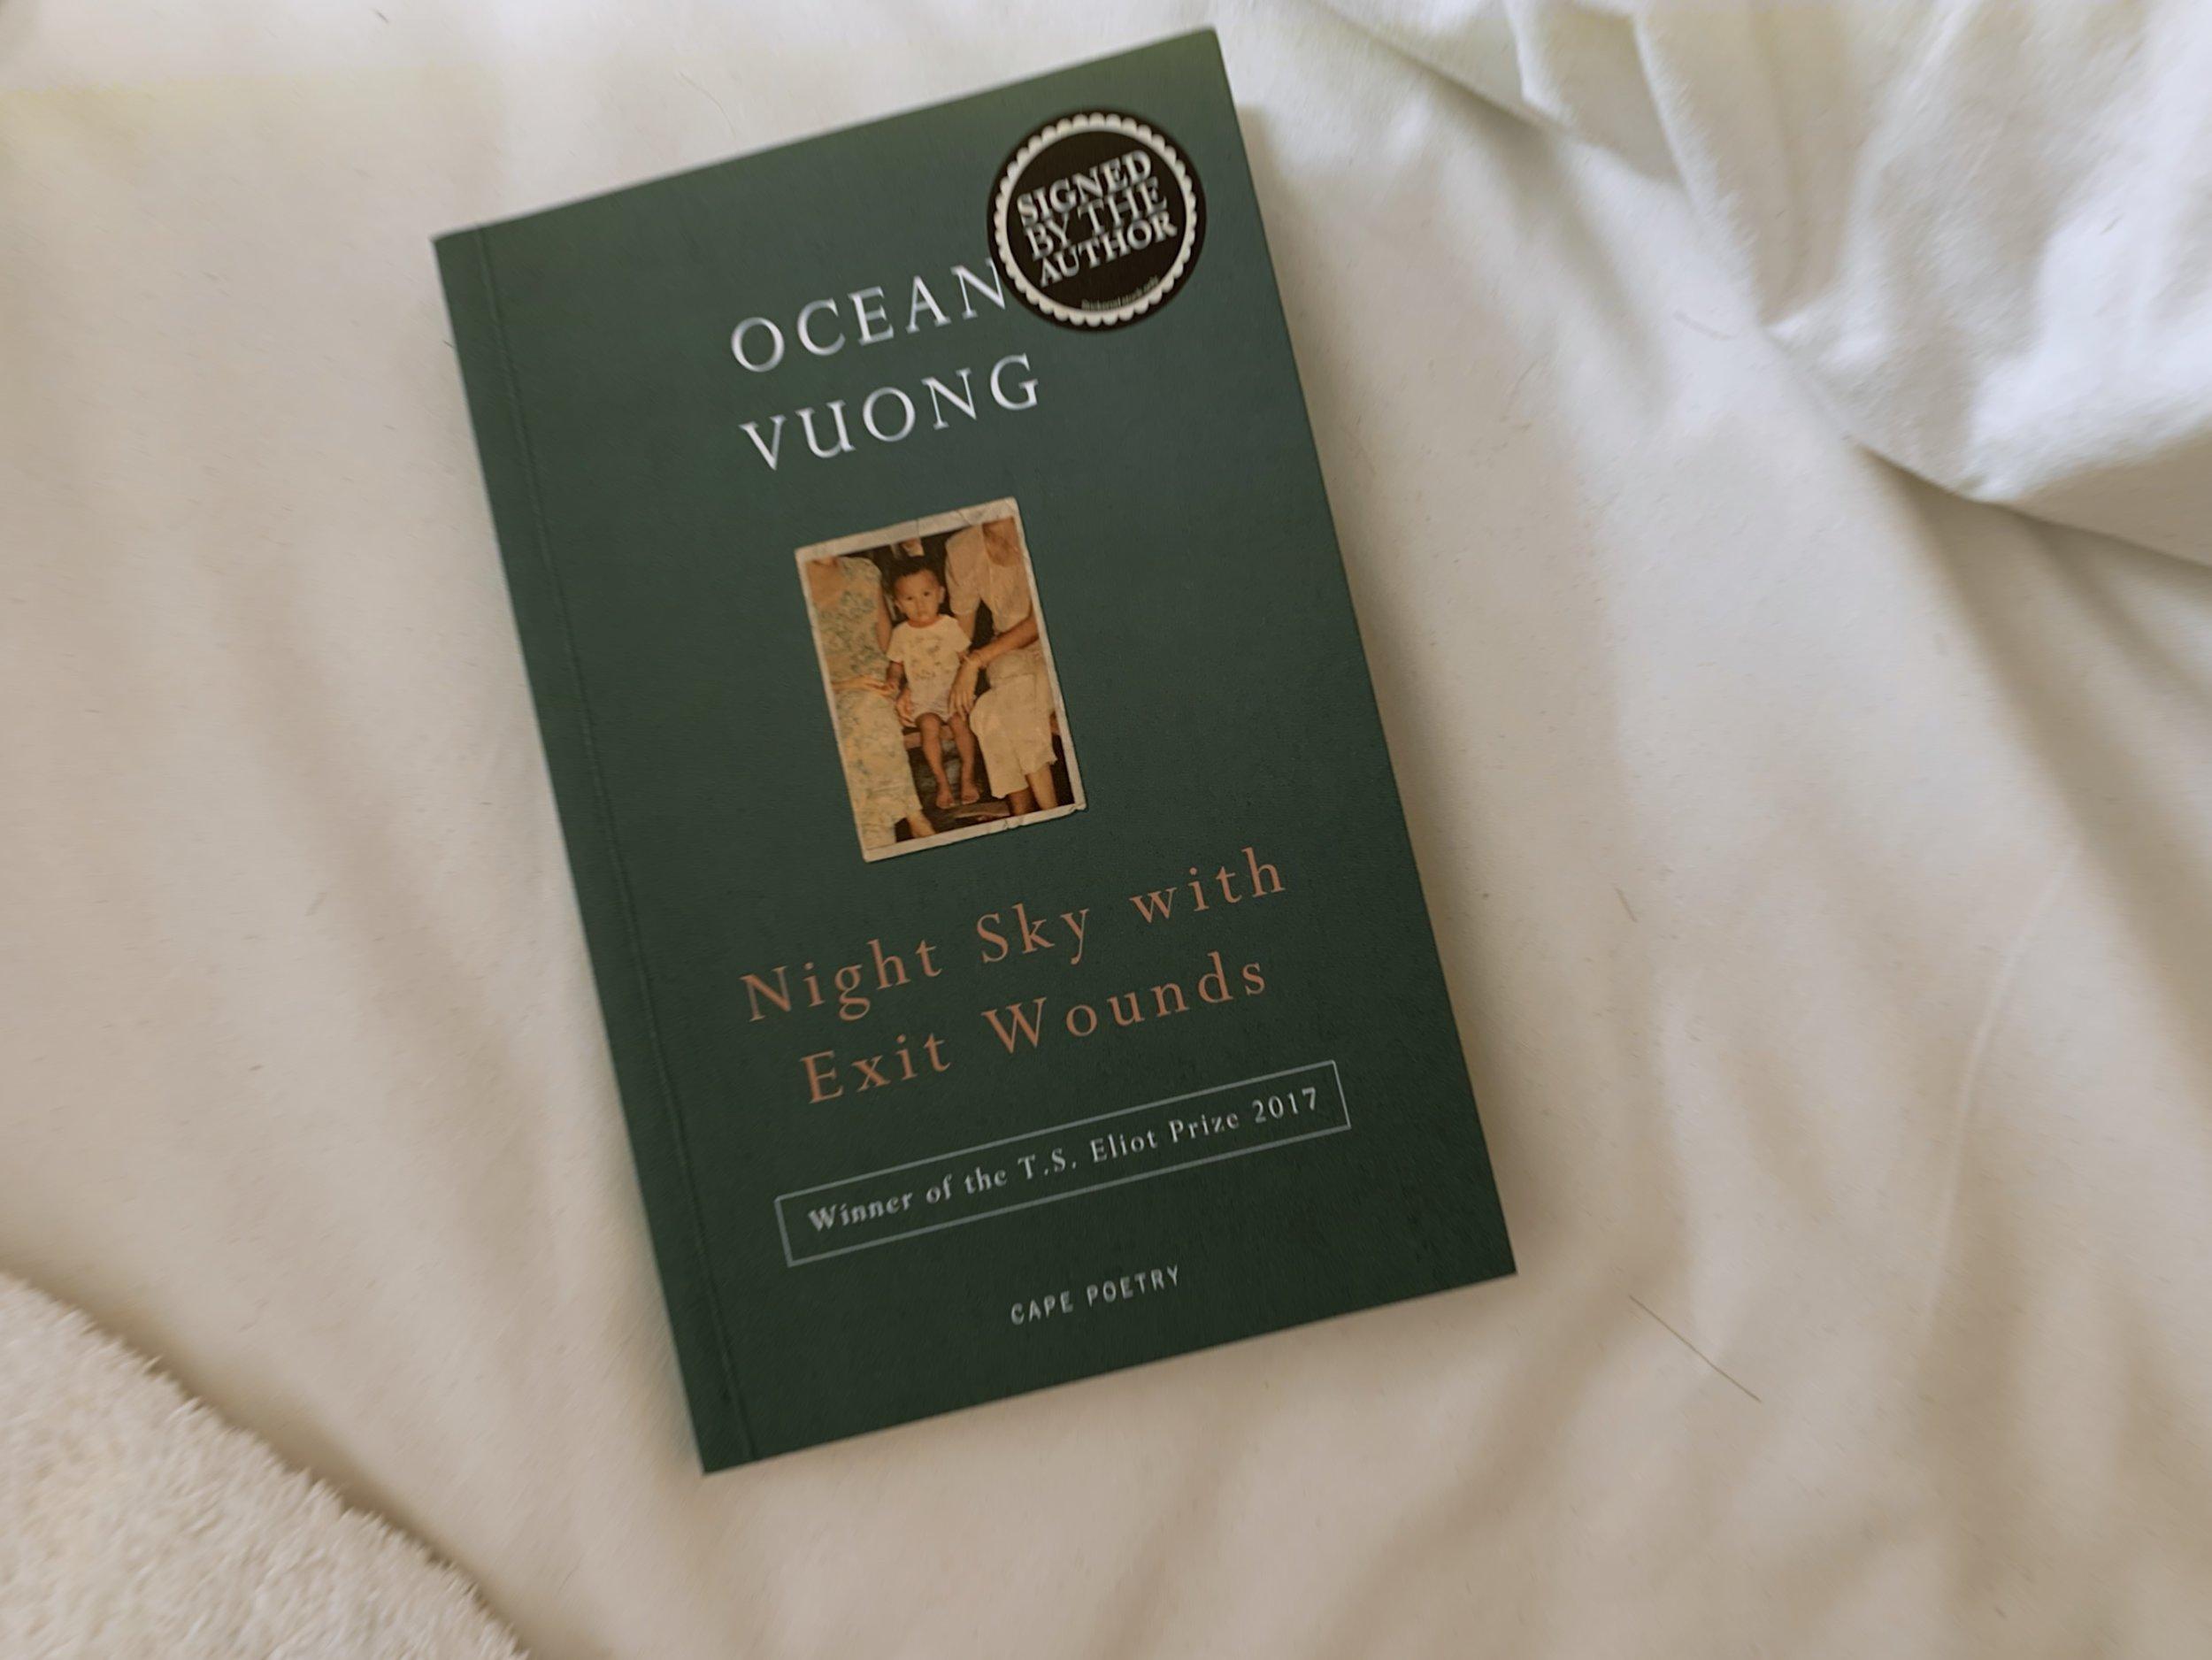 bought ocean vuong's books! fell in love! so inspired.